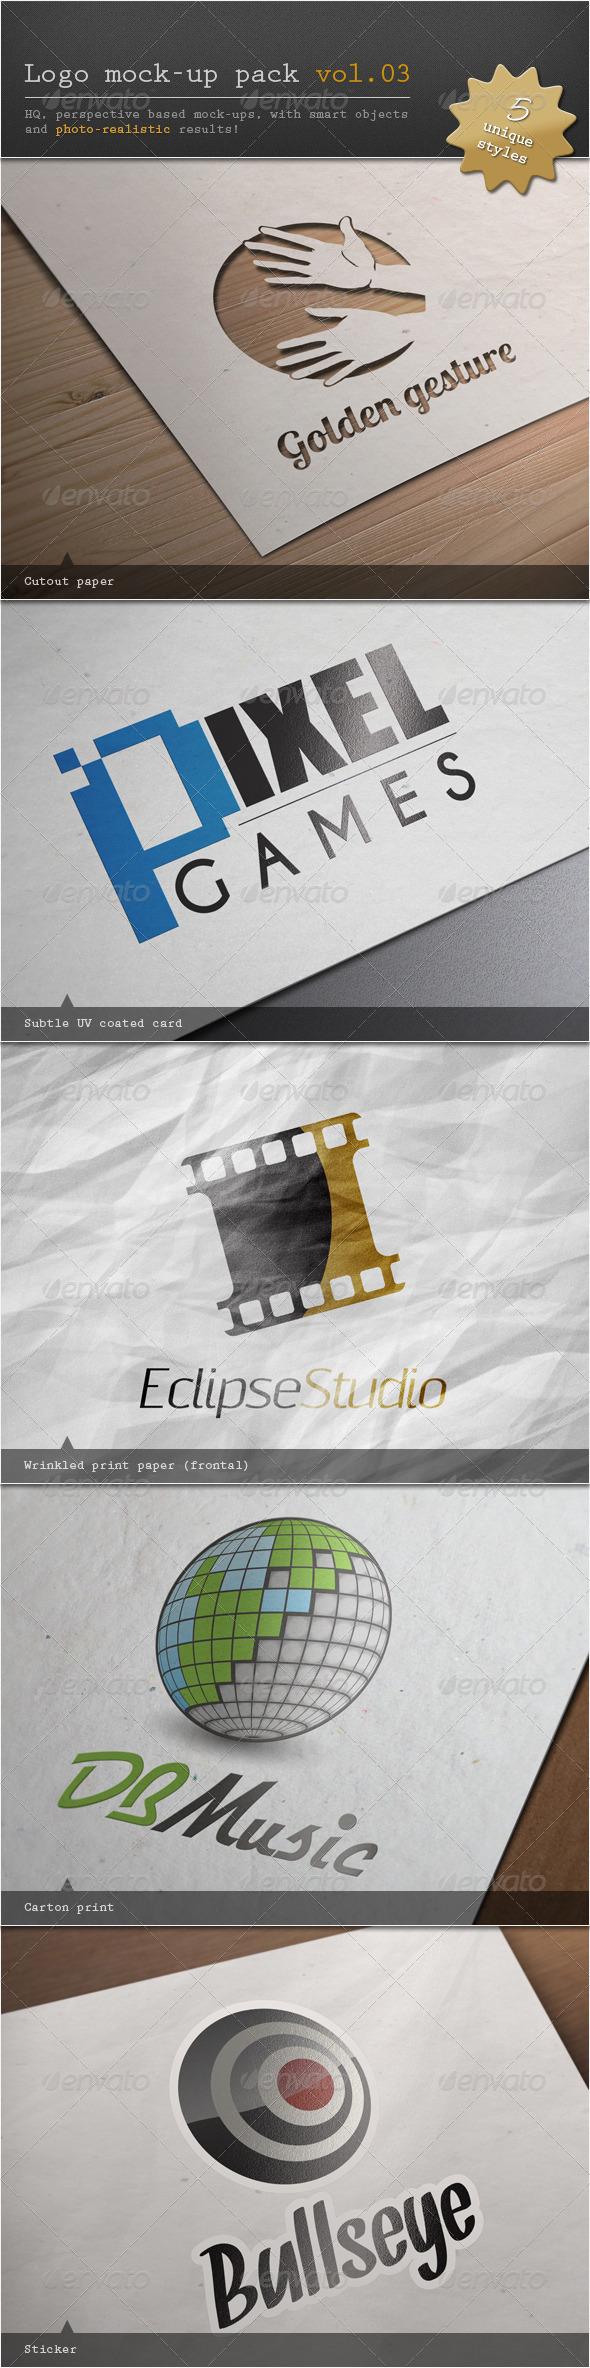 GraphicRiver Logo Mock-up Pack Vol.03 6052180